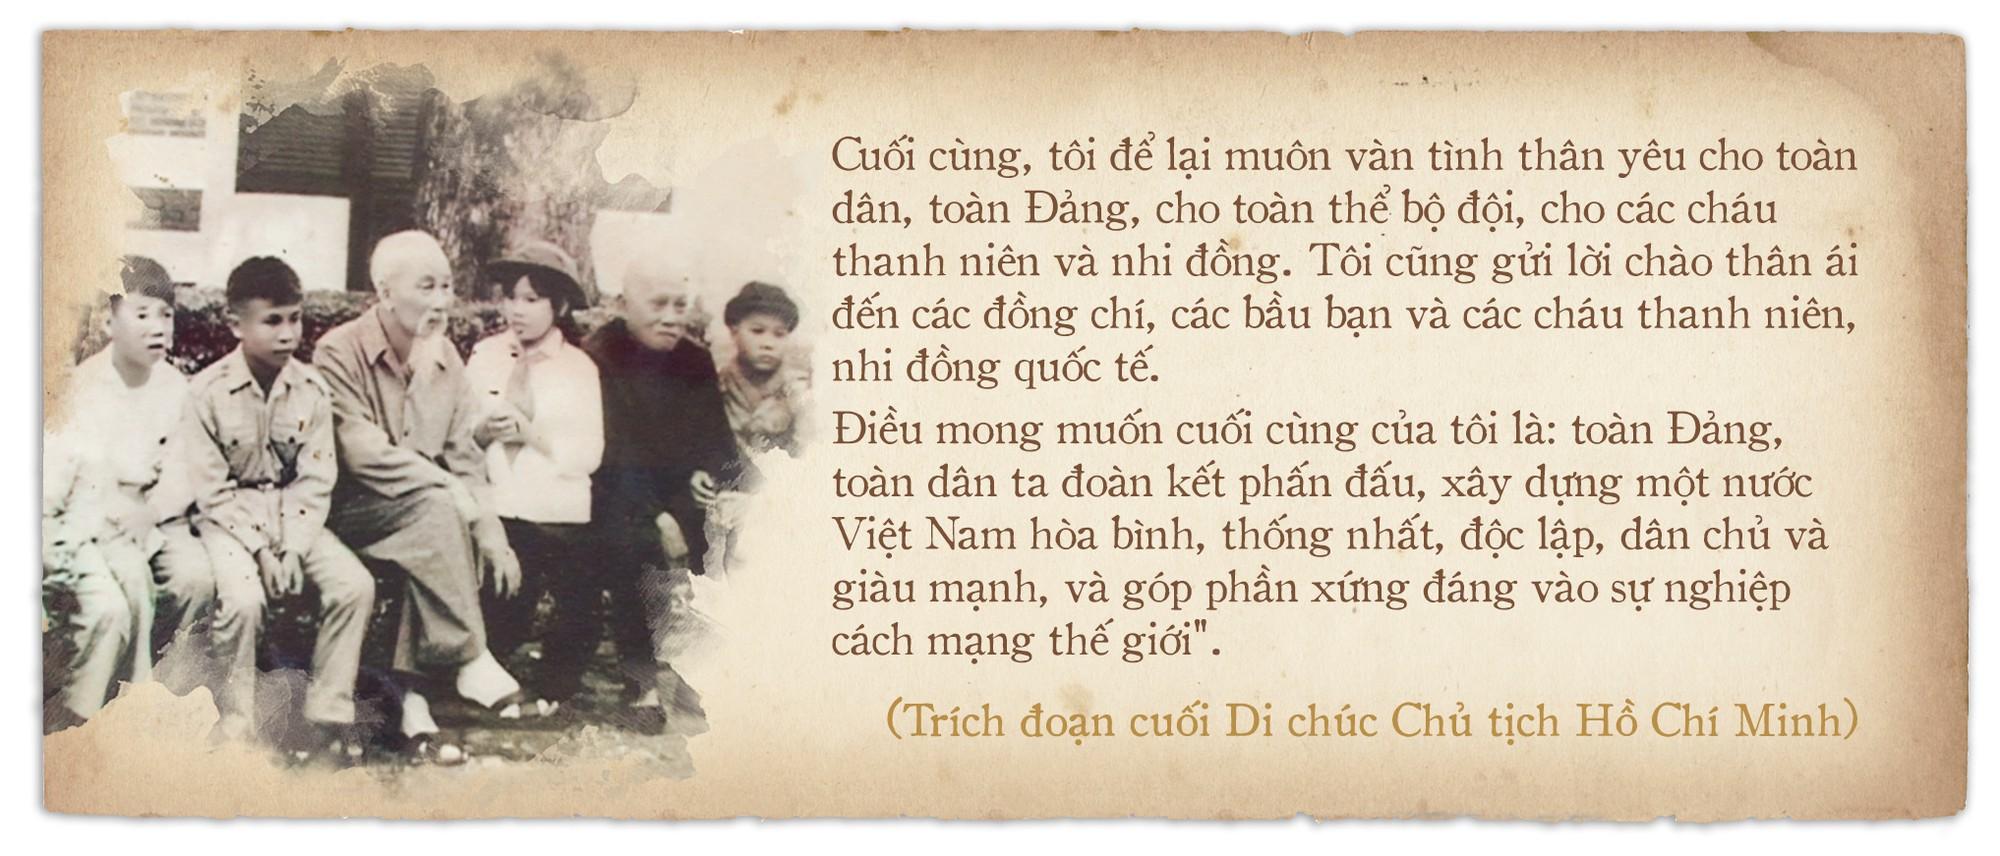 Di chúc của Chủ tịch Hồ Chí Minh: Như ngọn đuốc soi đường cho dân tộc - Ảnh 6.